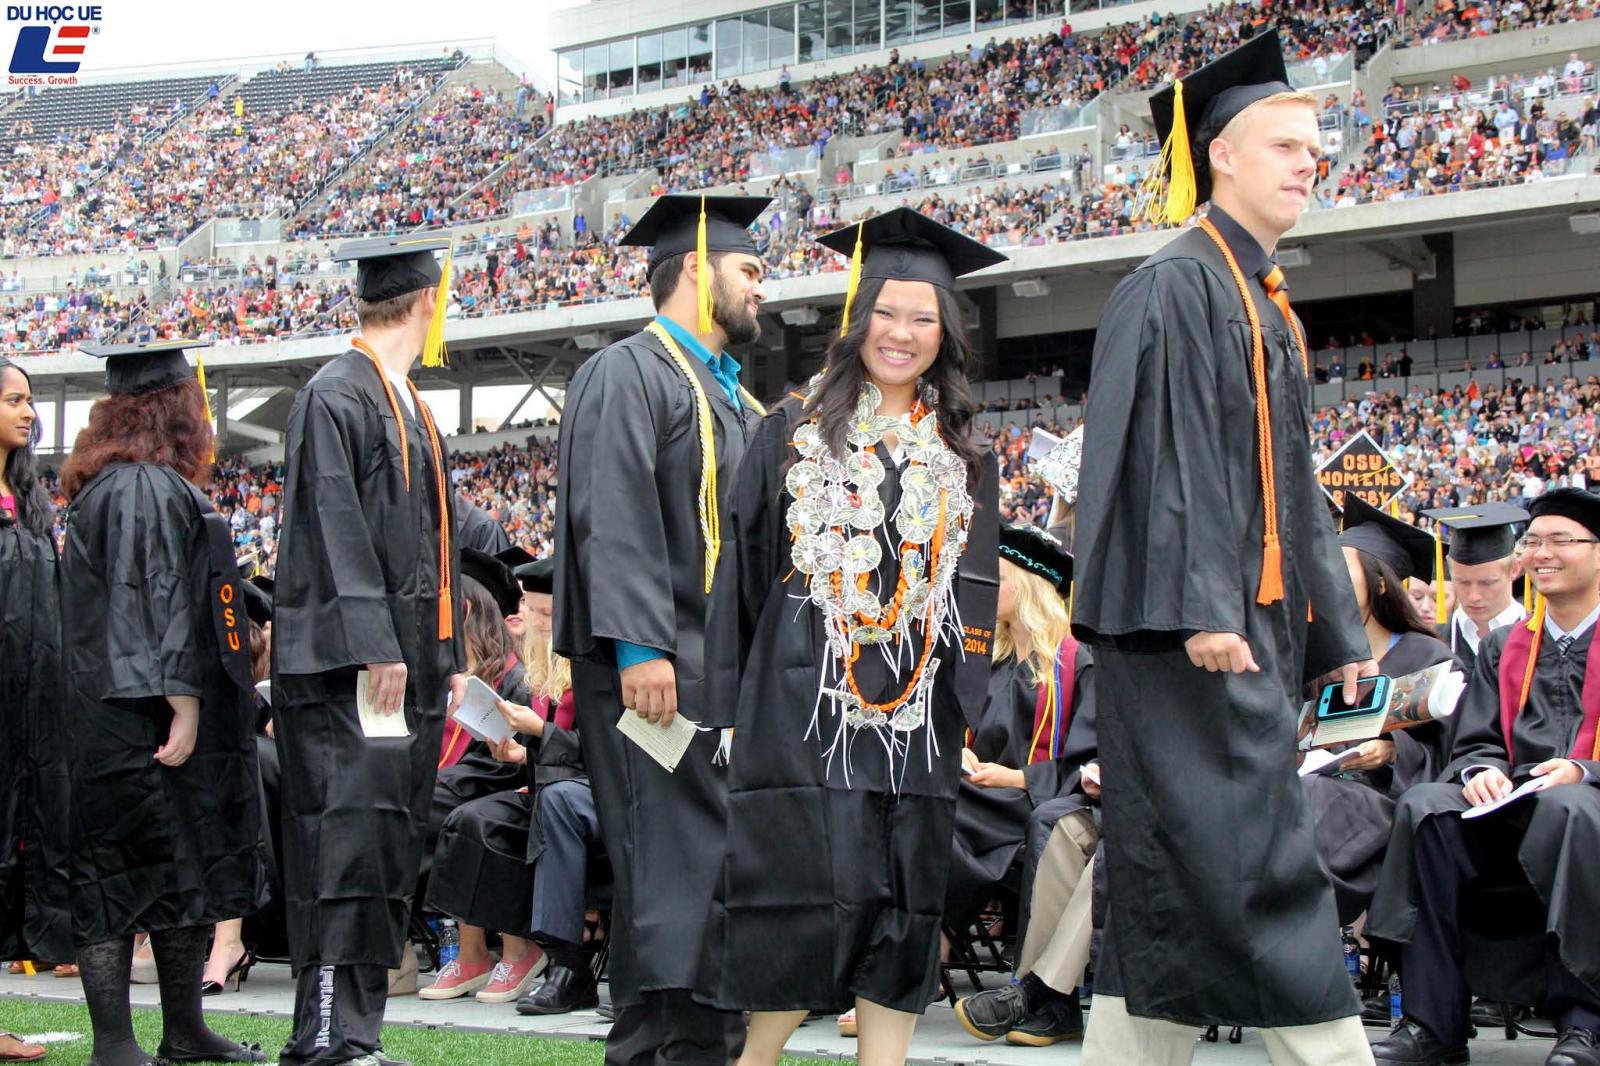 Săn học bổng du học Mỹ cùng Lane Community College - Cơ hội nhận ngay học bổng đầu giá trị khi đăng ký tuyển sinh 4